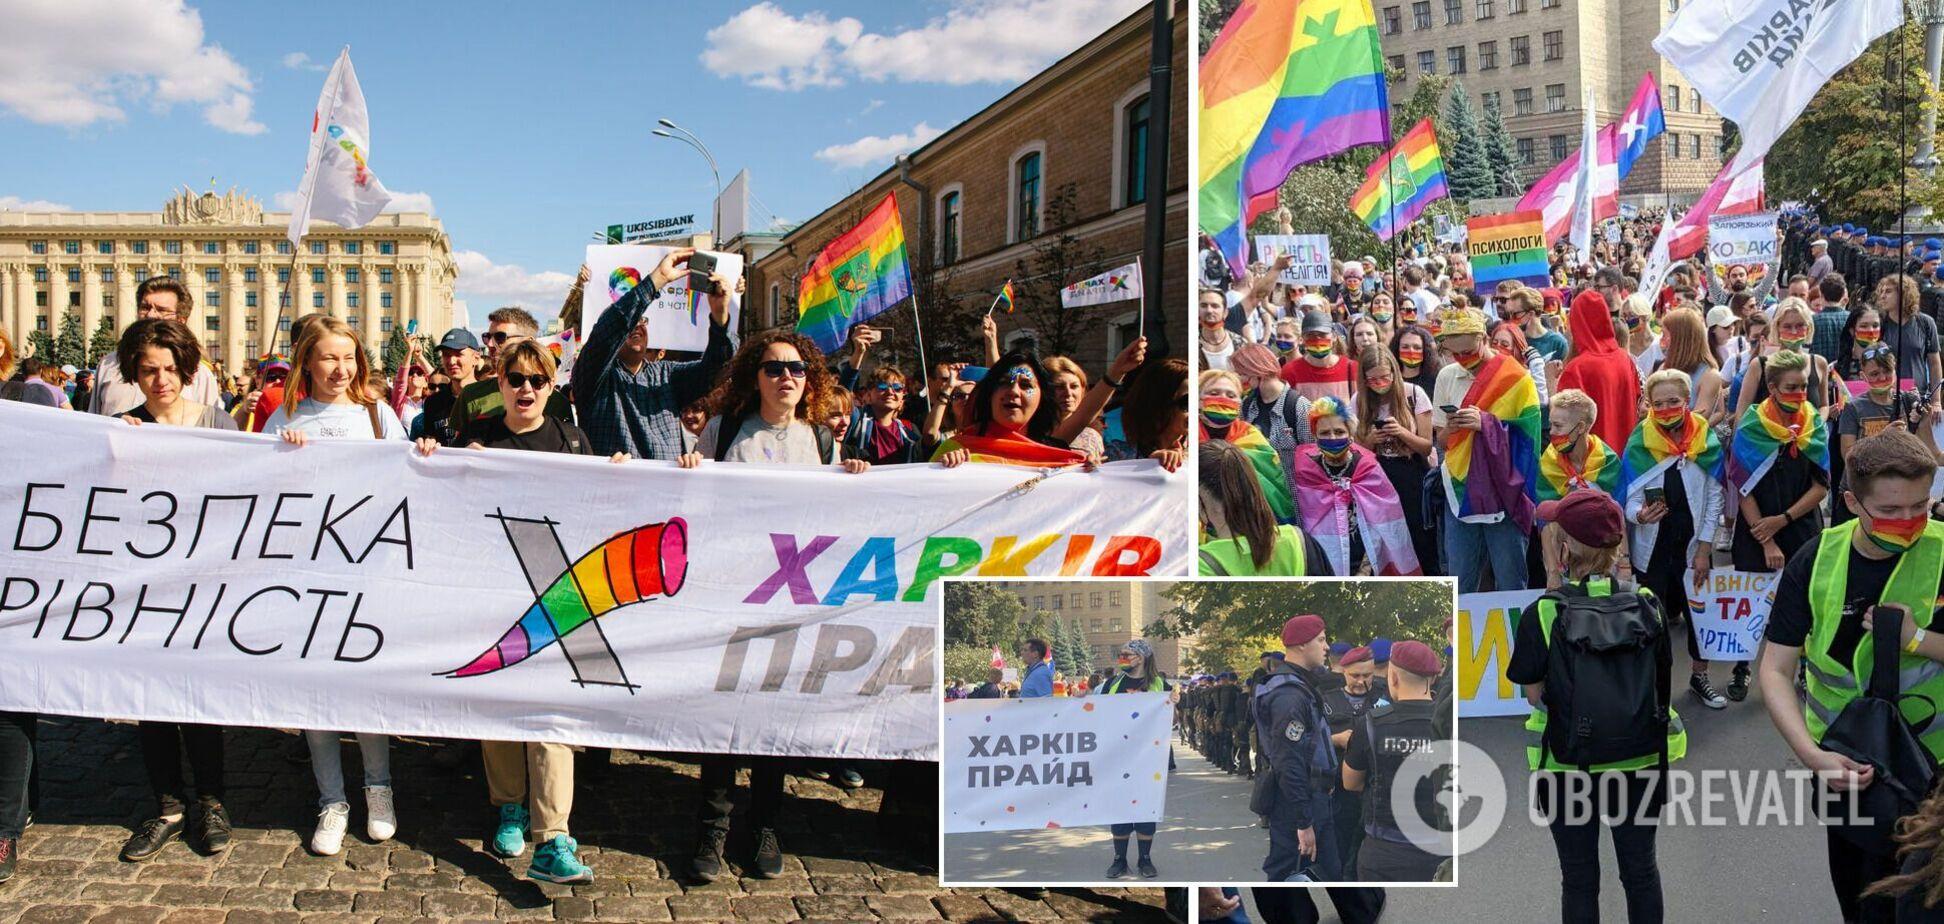 В Харькове провели ЛГБТ-марш, меры безопасности были усилены. Фото и видео